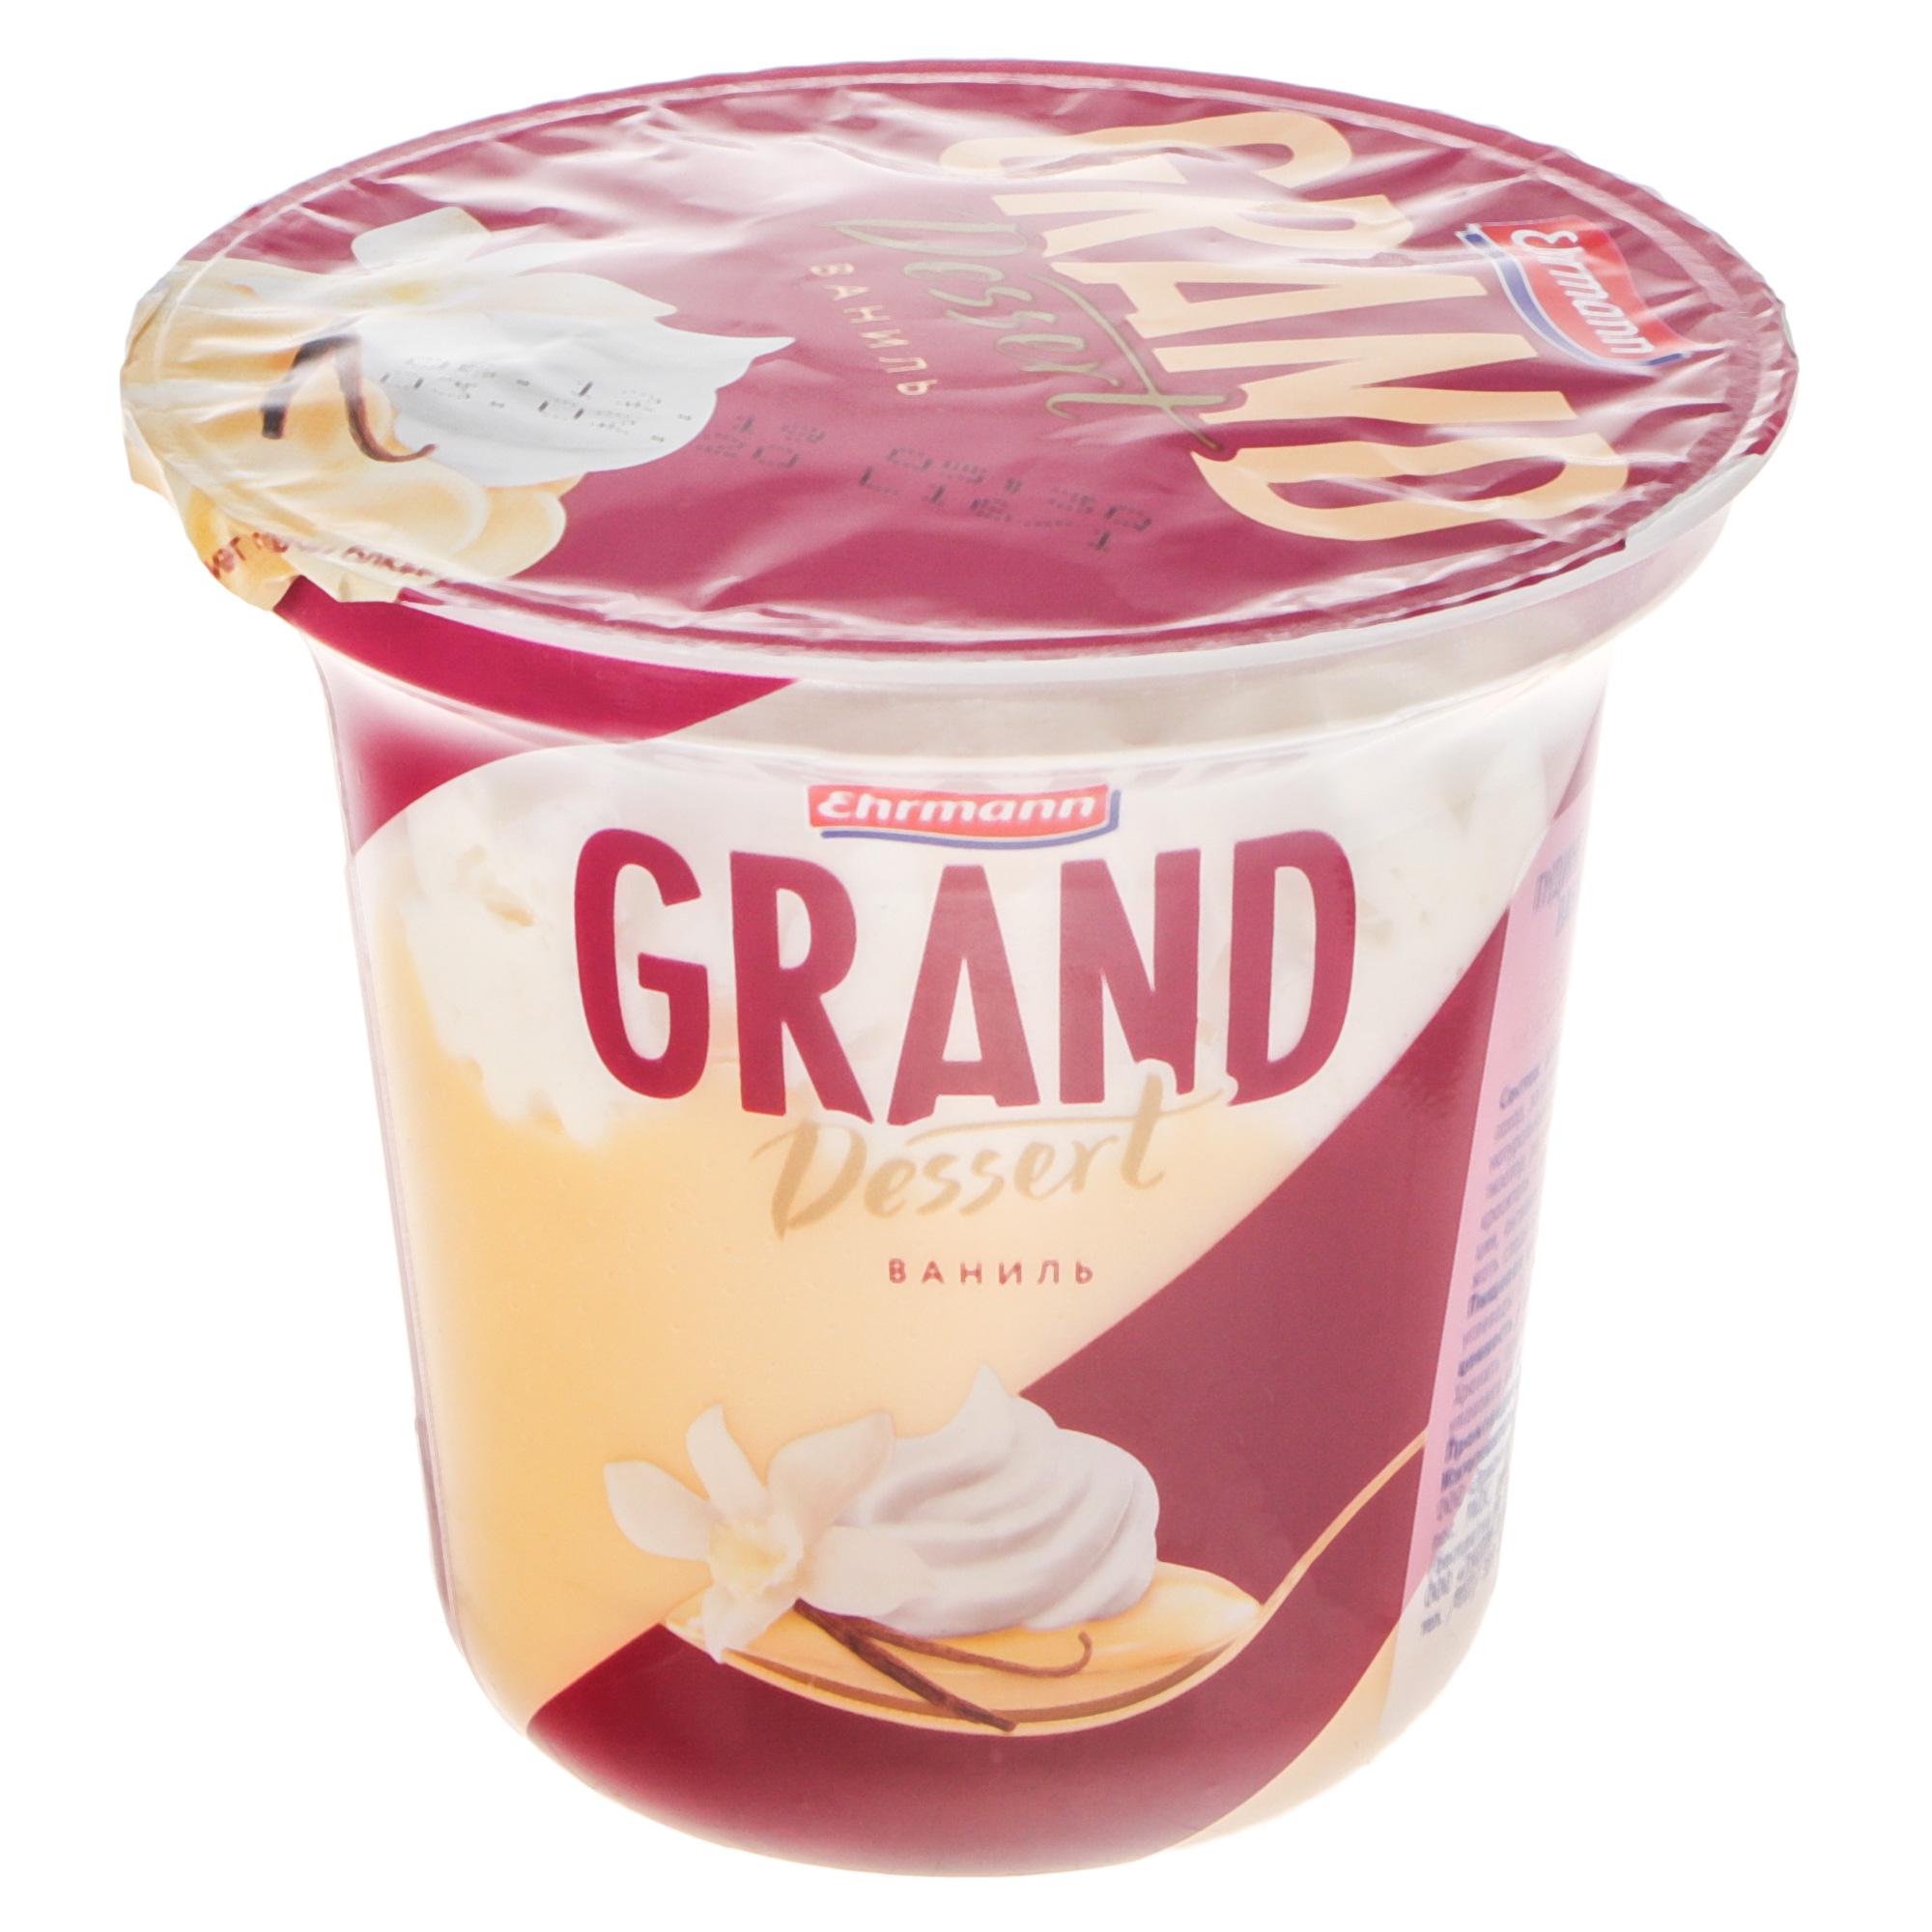 Пудинг Grand Dessert Ehrmann Ванильный со сливочным муссом 4,7% 200 г